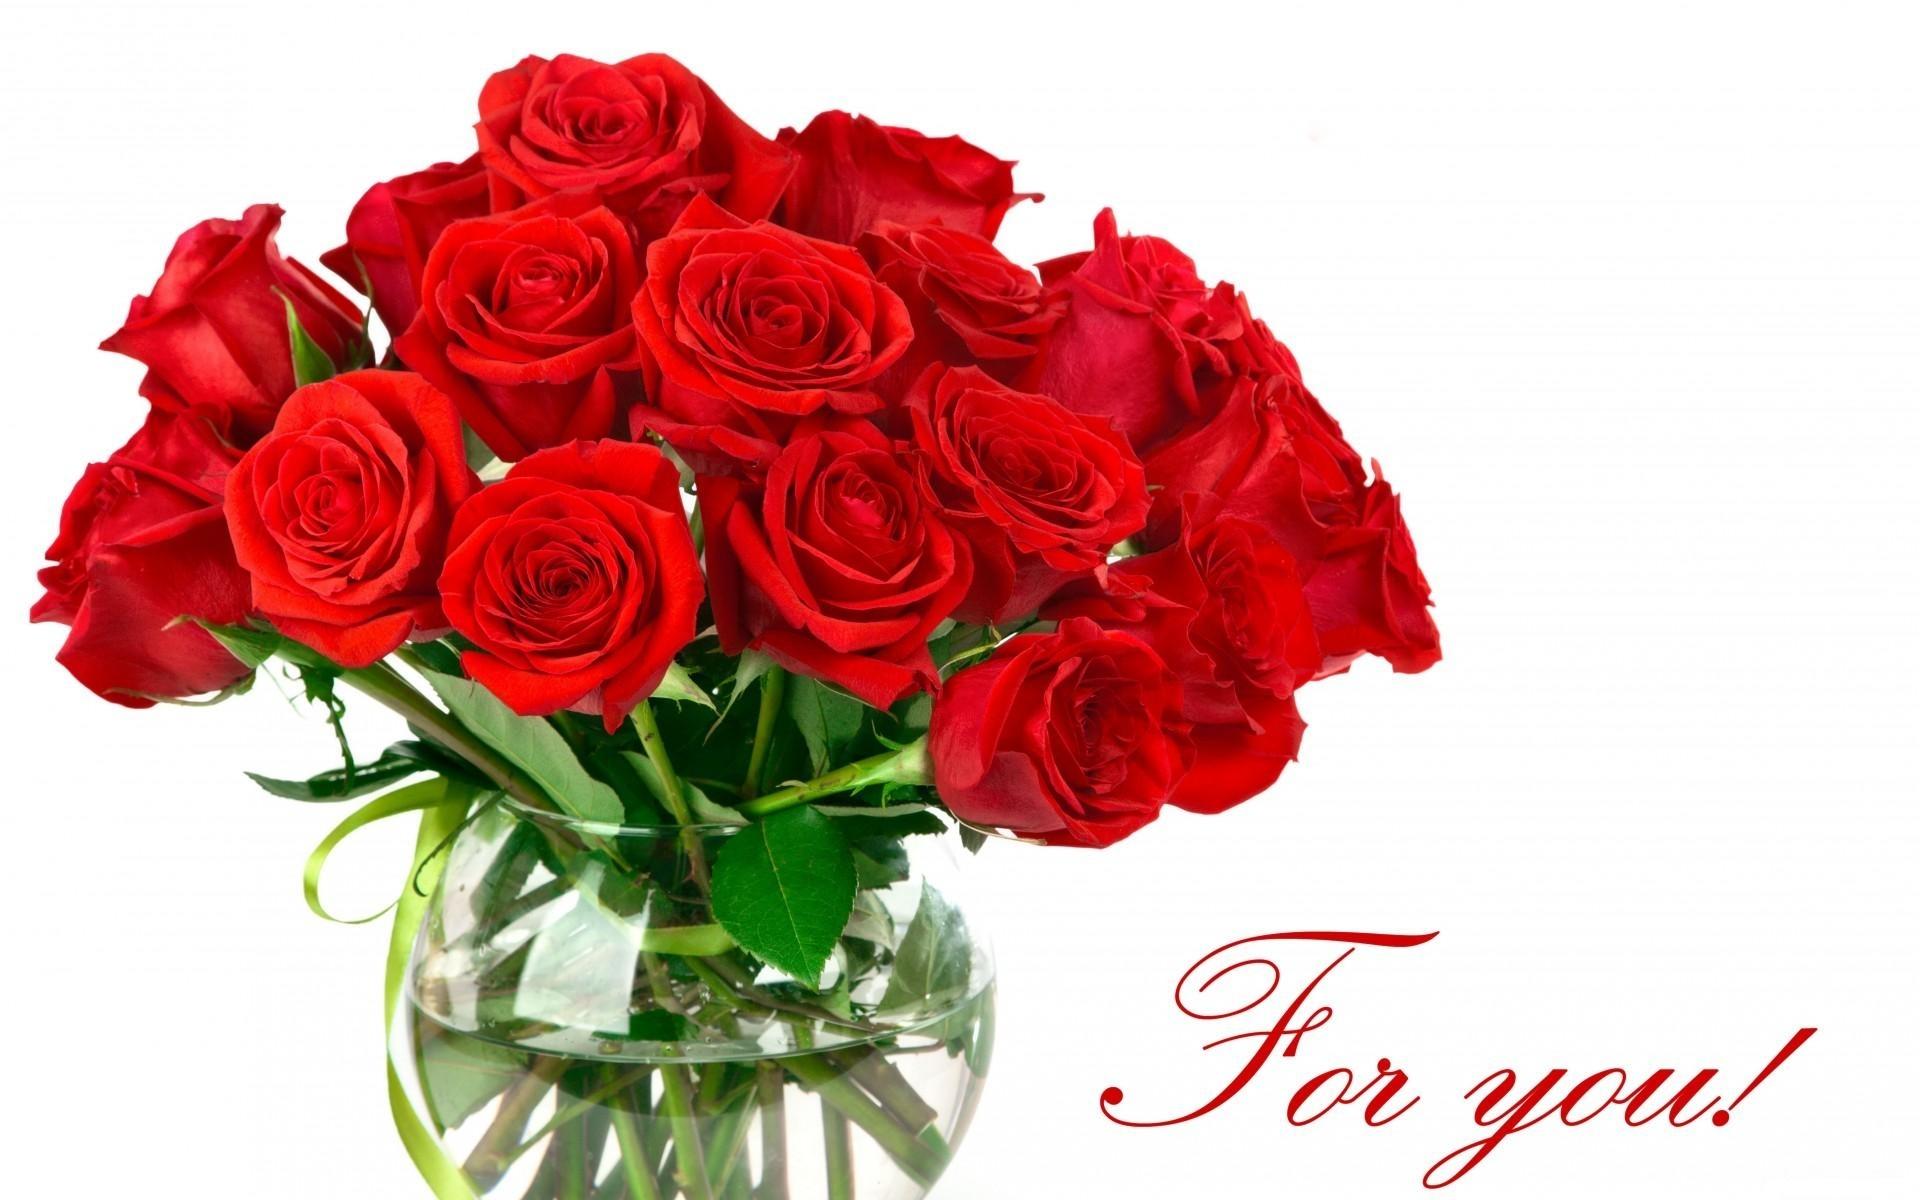 Букет роз на белом фоне открытка, картинки прикольные